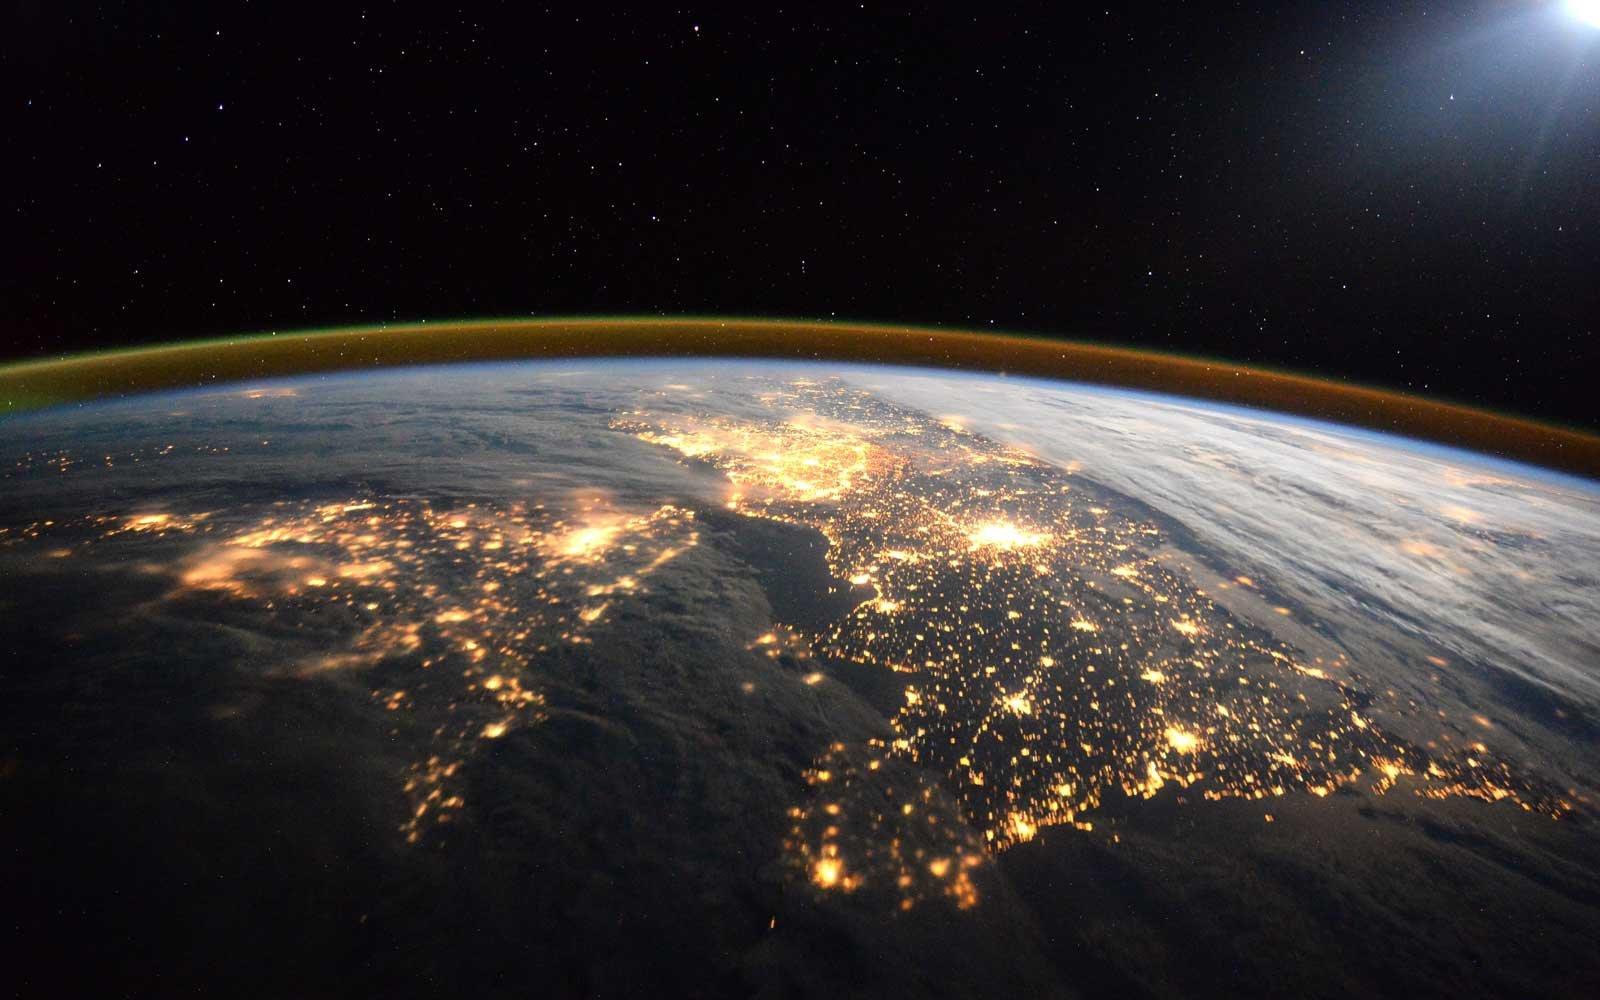 La terra vista dallo spazio. L'atmosfera appare fragile e sottile.